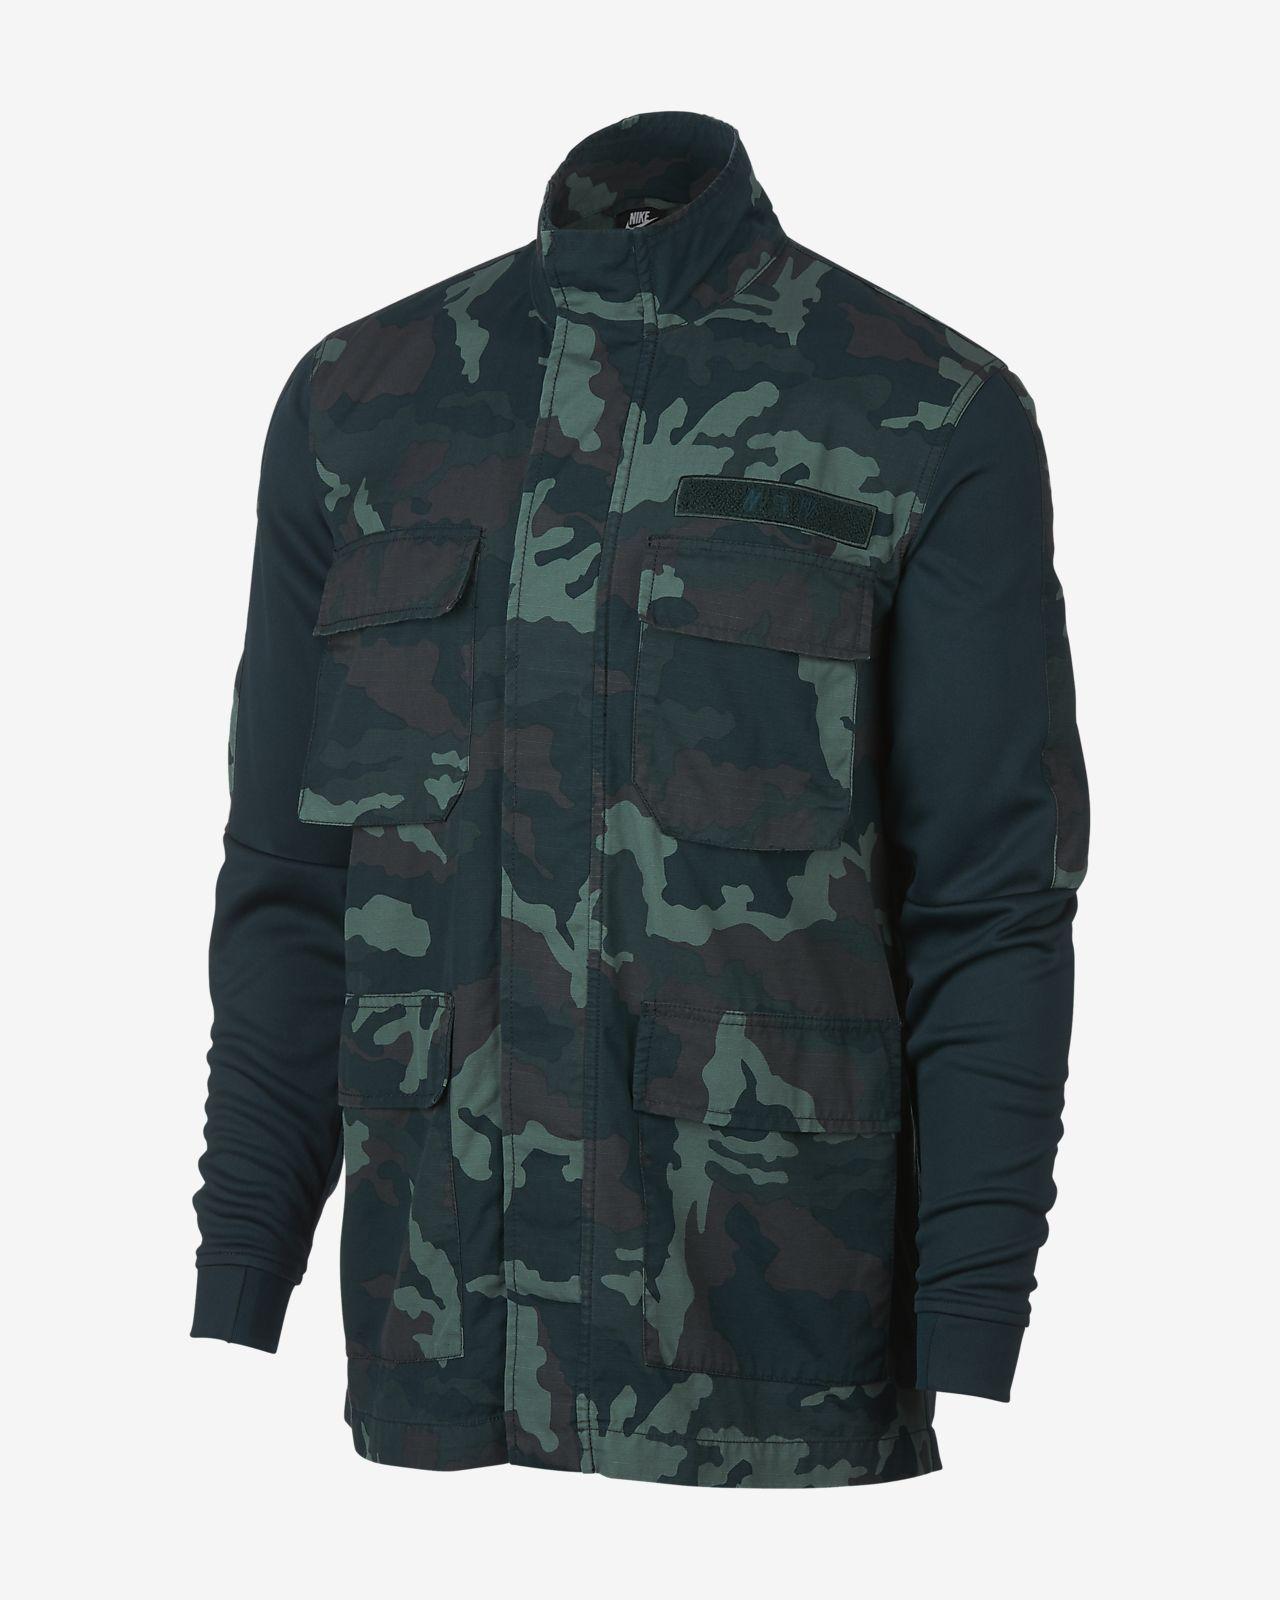 Nike Sportswear NSW Men's Camo Jacket